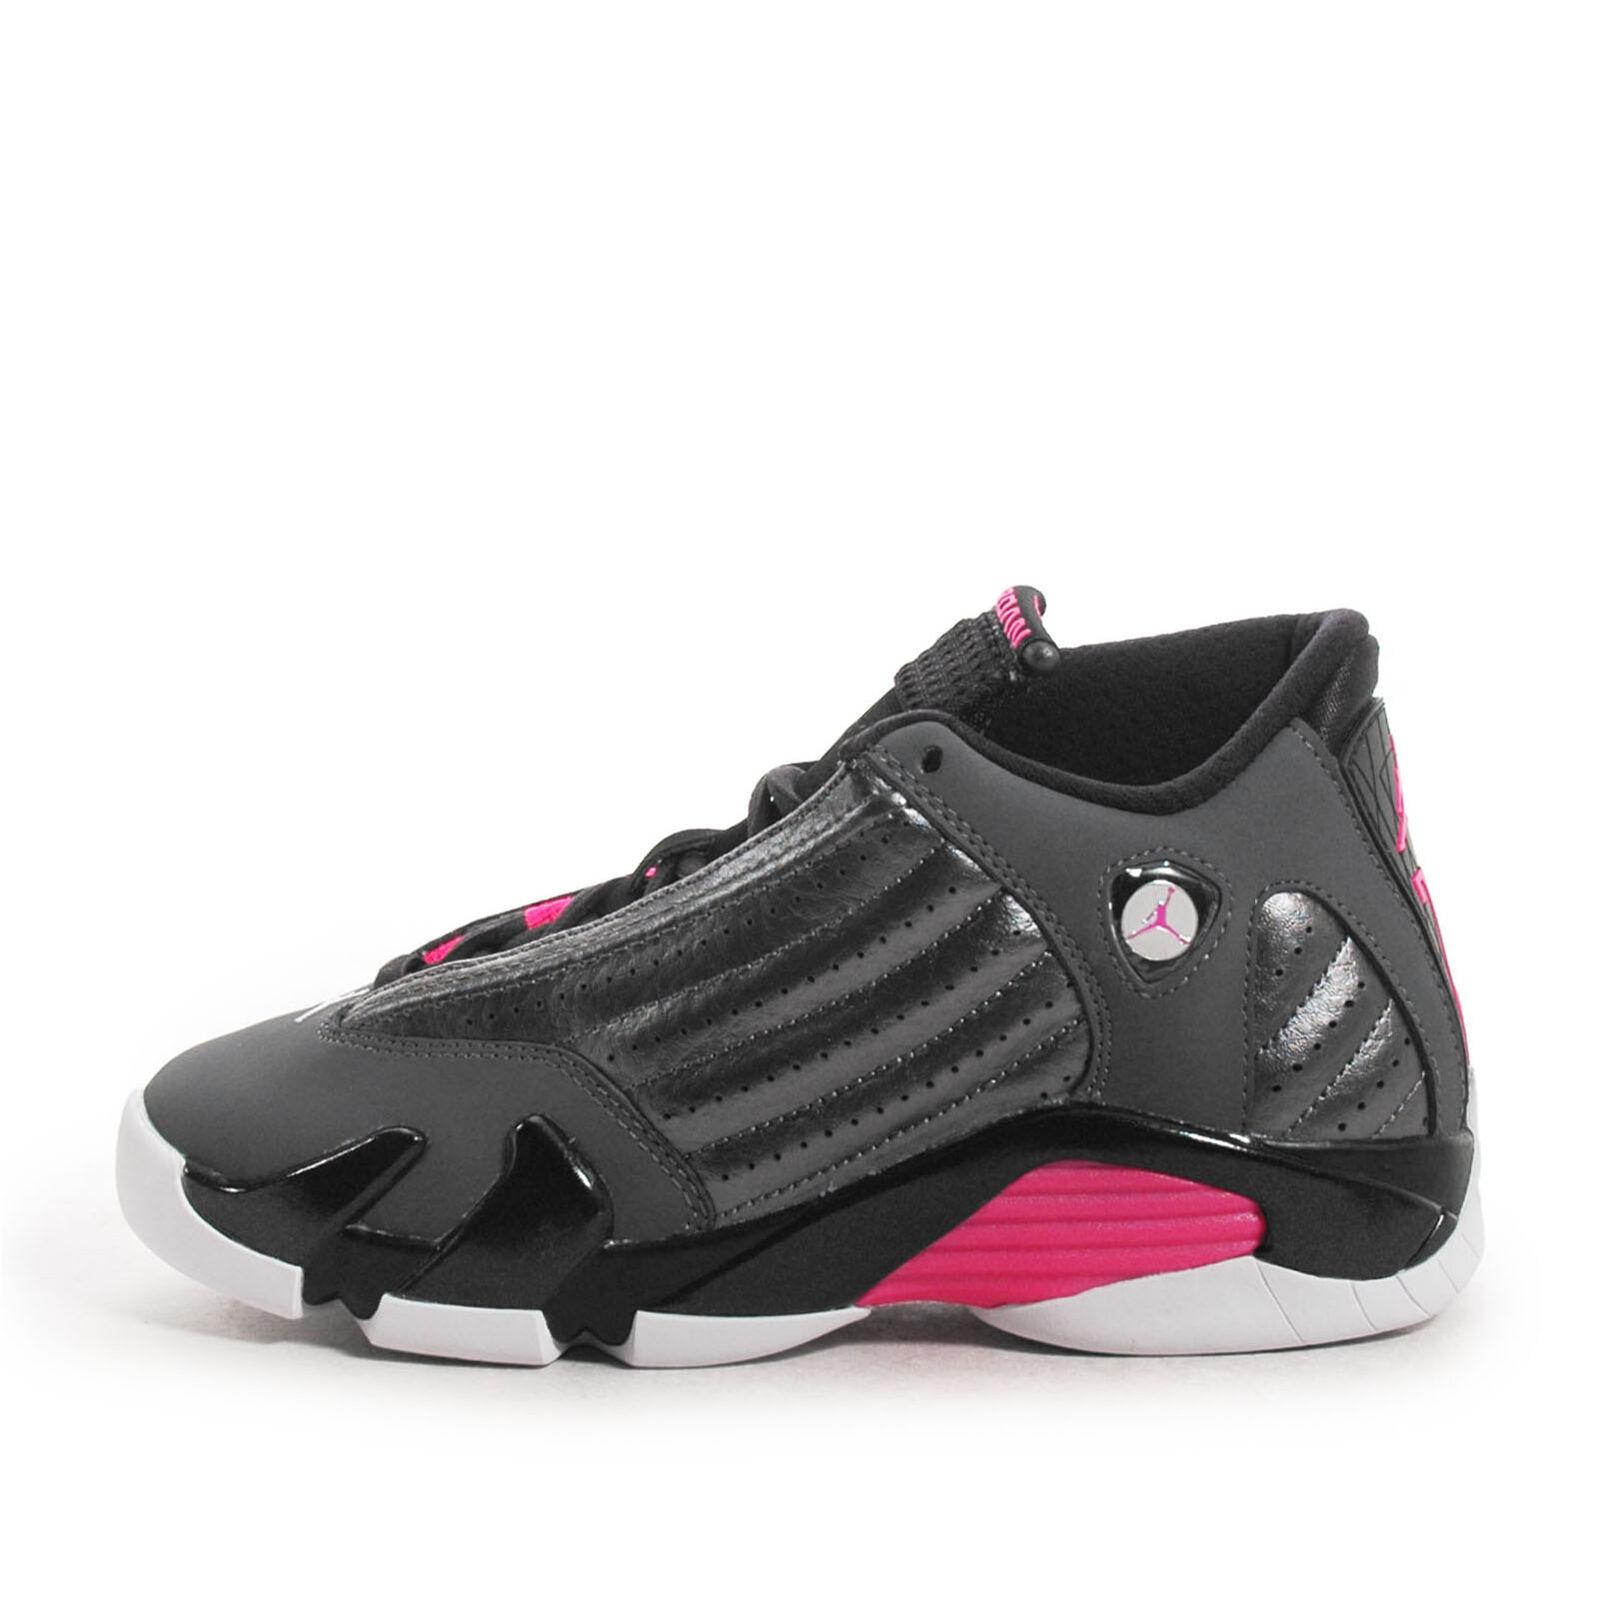 Nike Air Jordan 14 Retro GG 654969-028